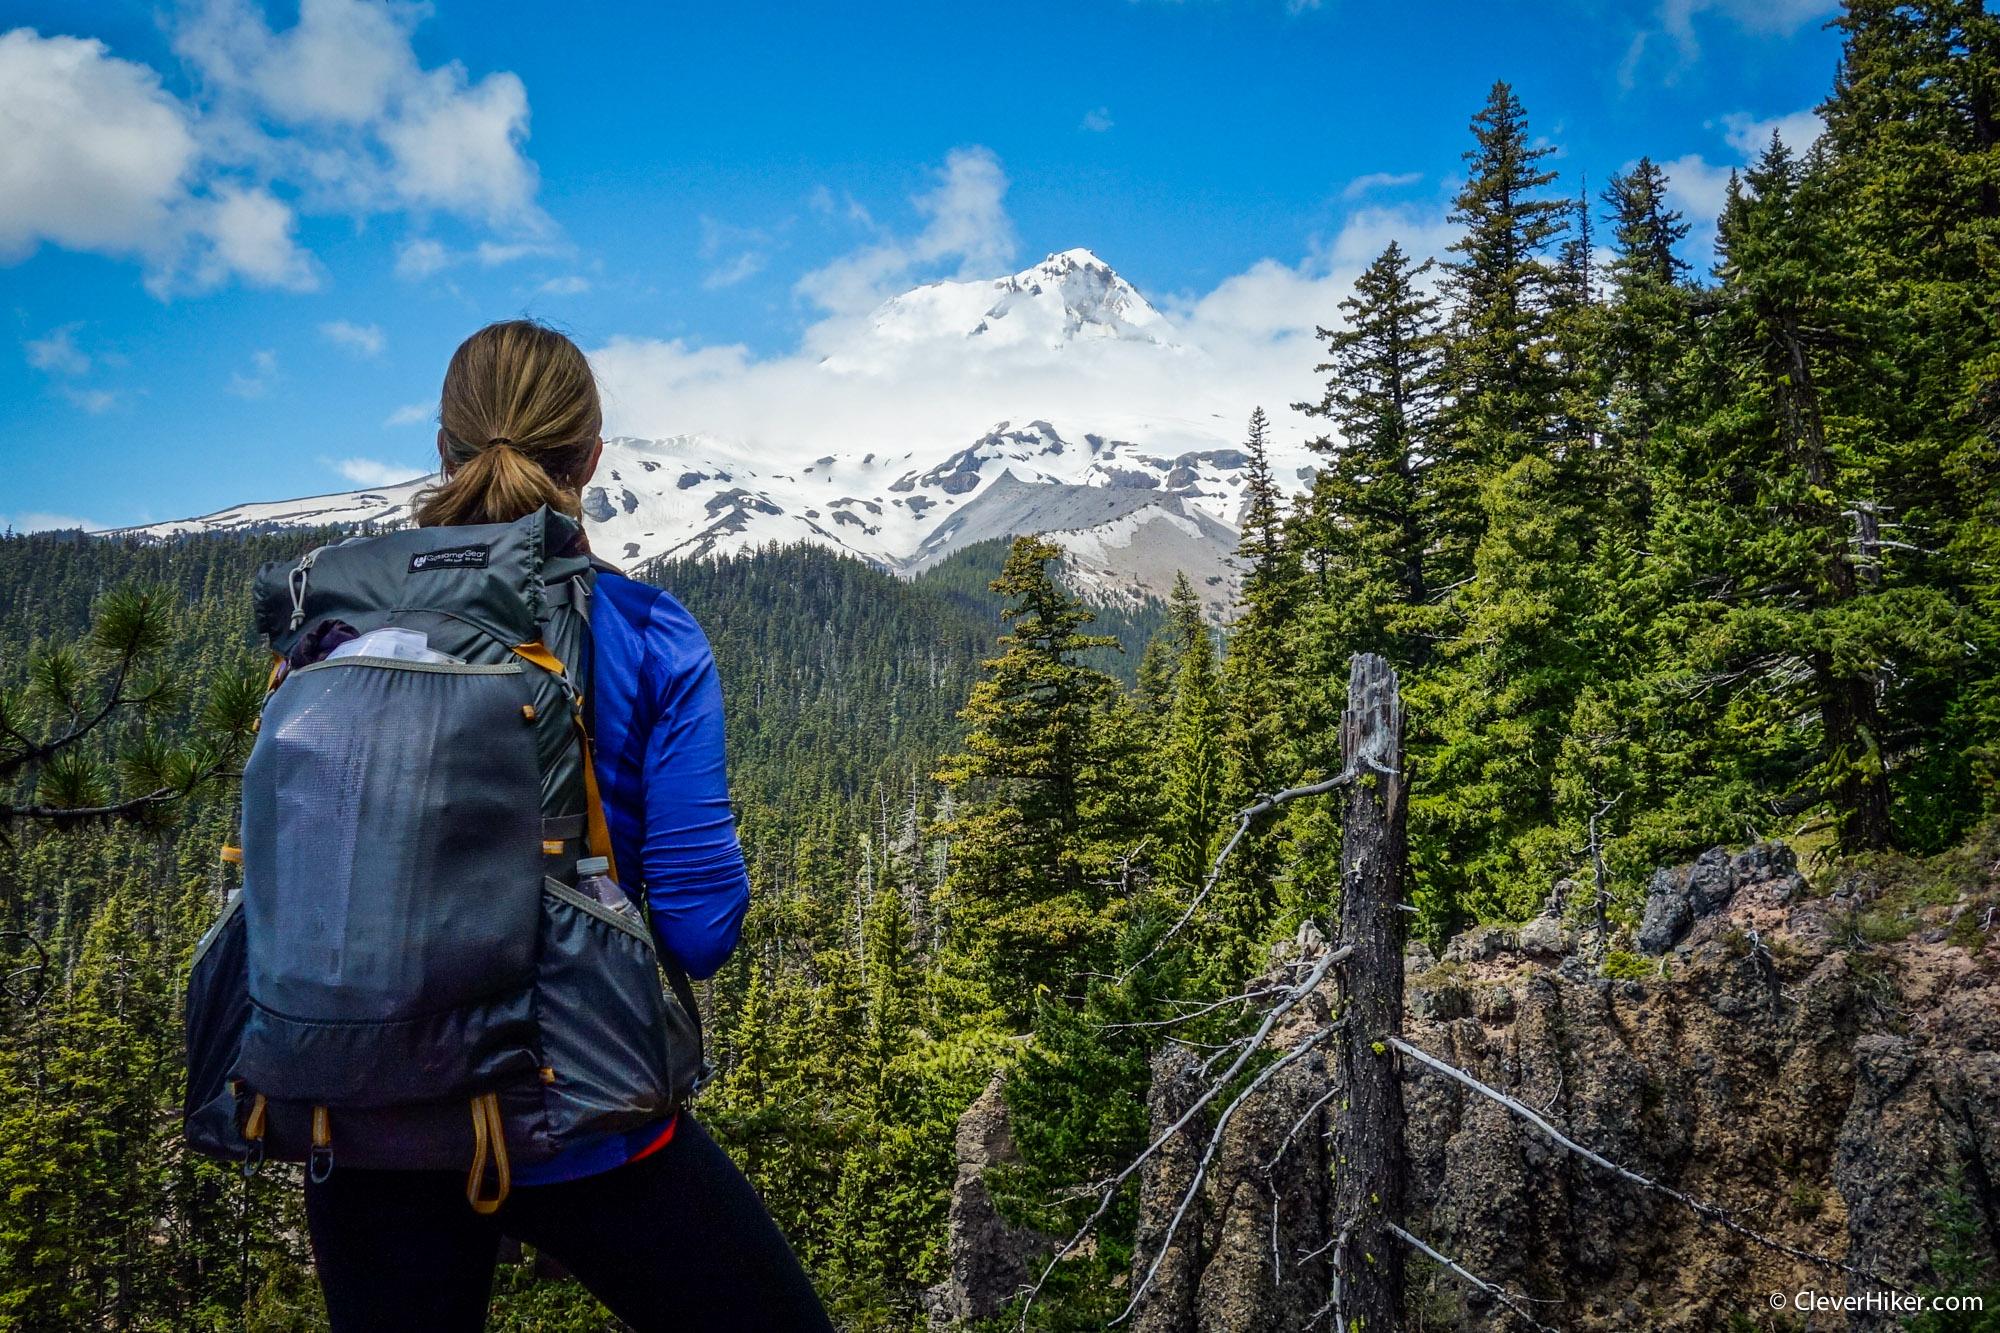 Annie - Mt. Hood View